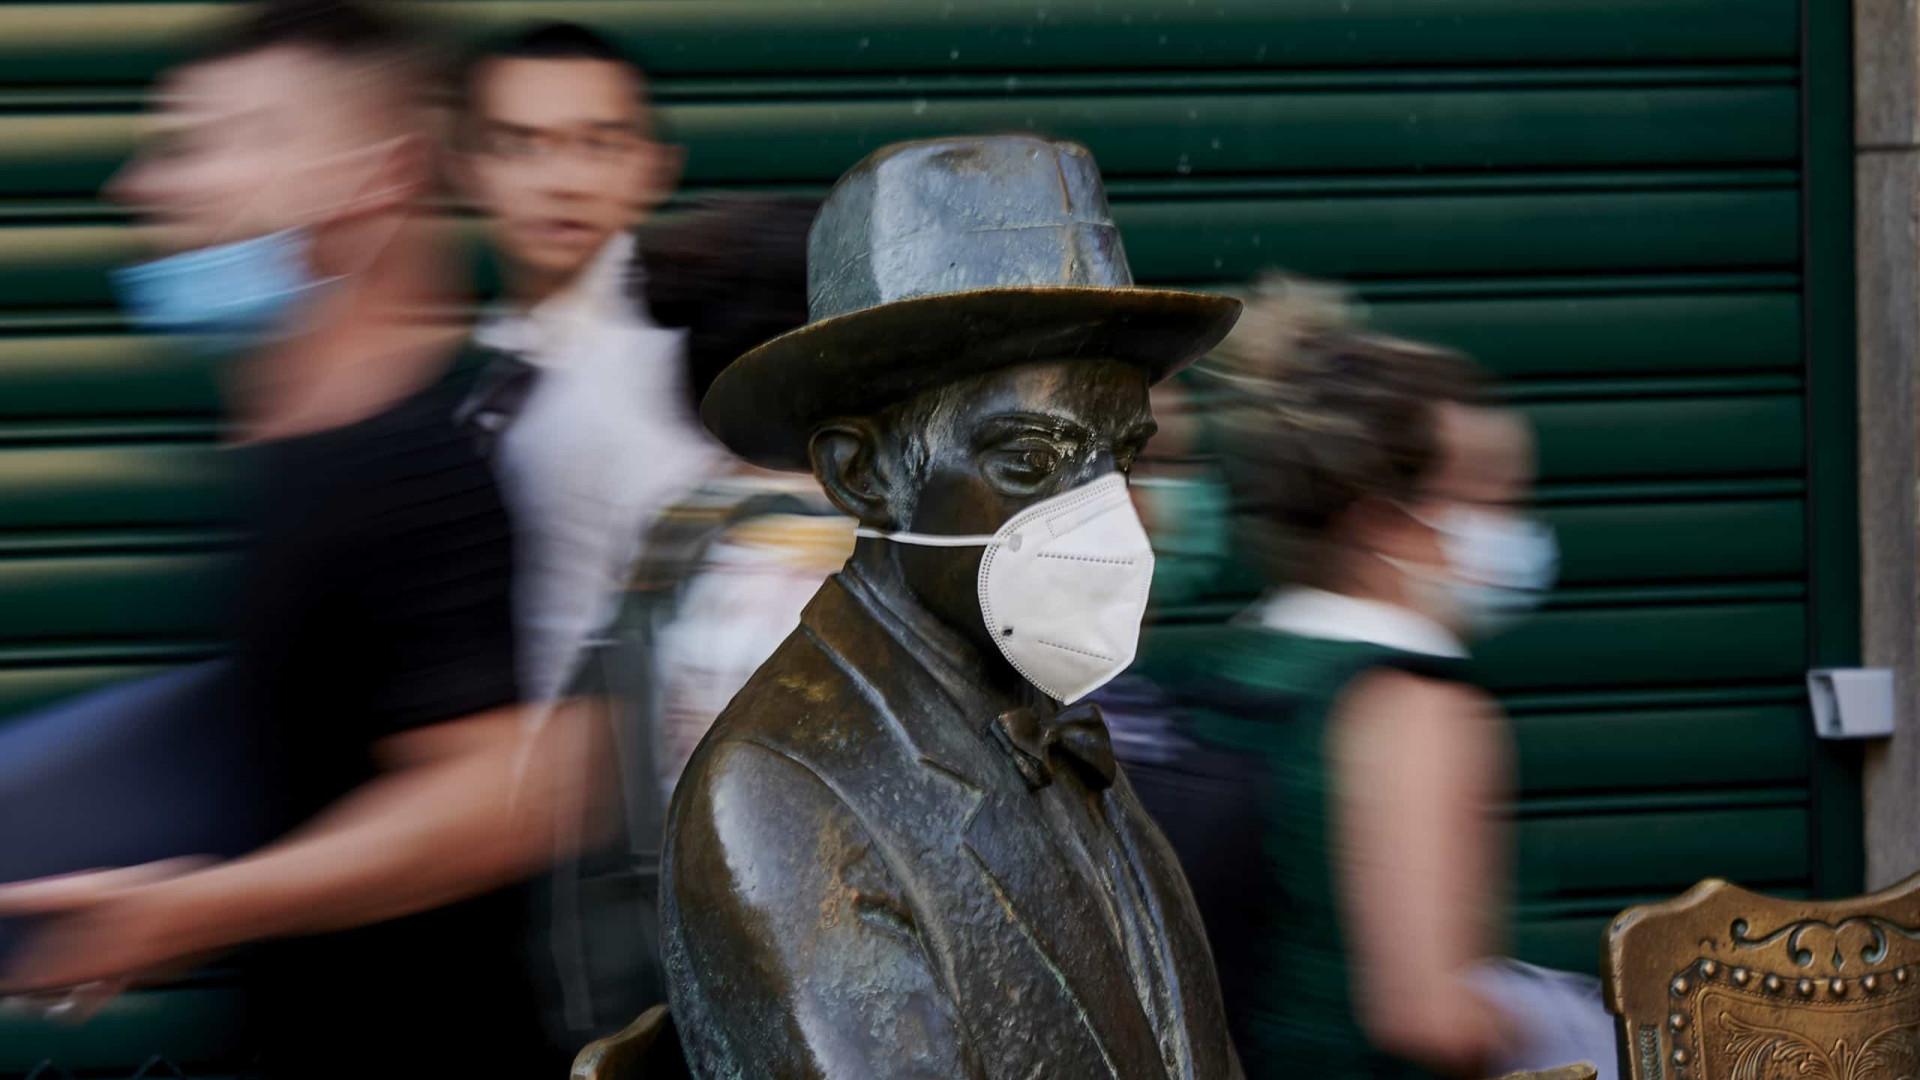 Entre 53 países, Portugal está em 31.º na resposta à pandemia